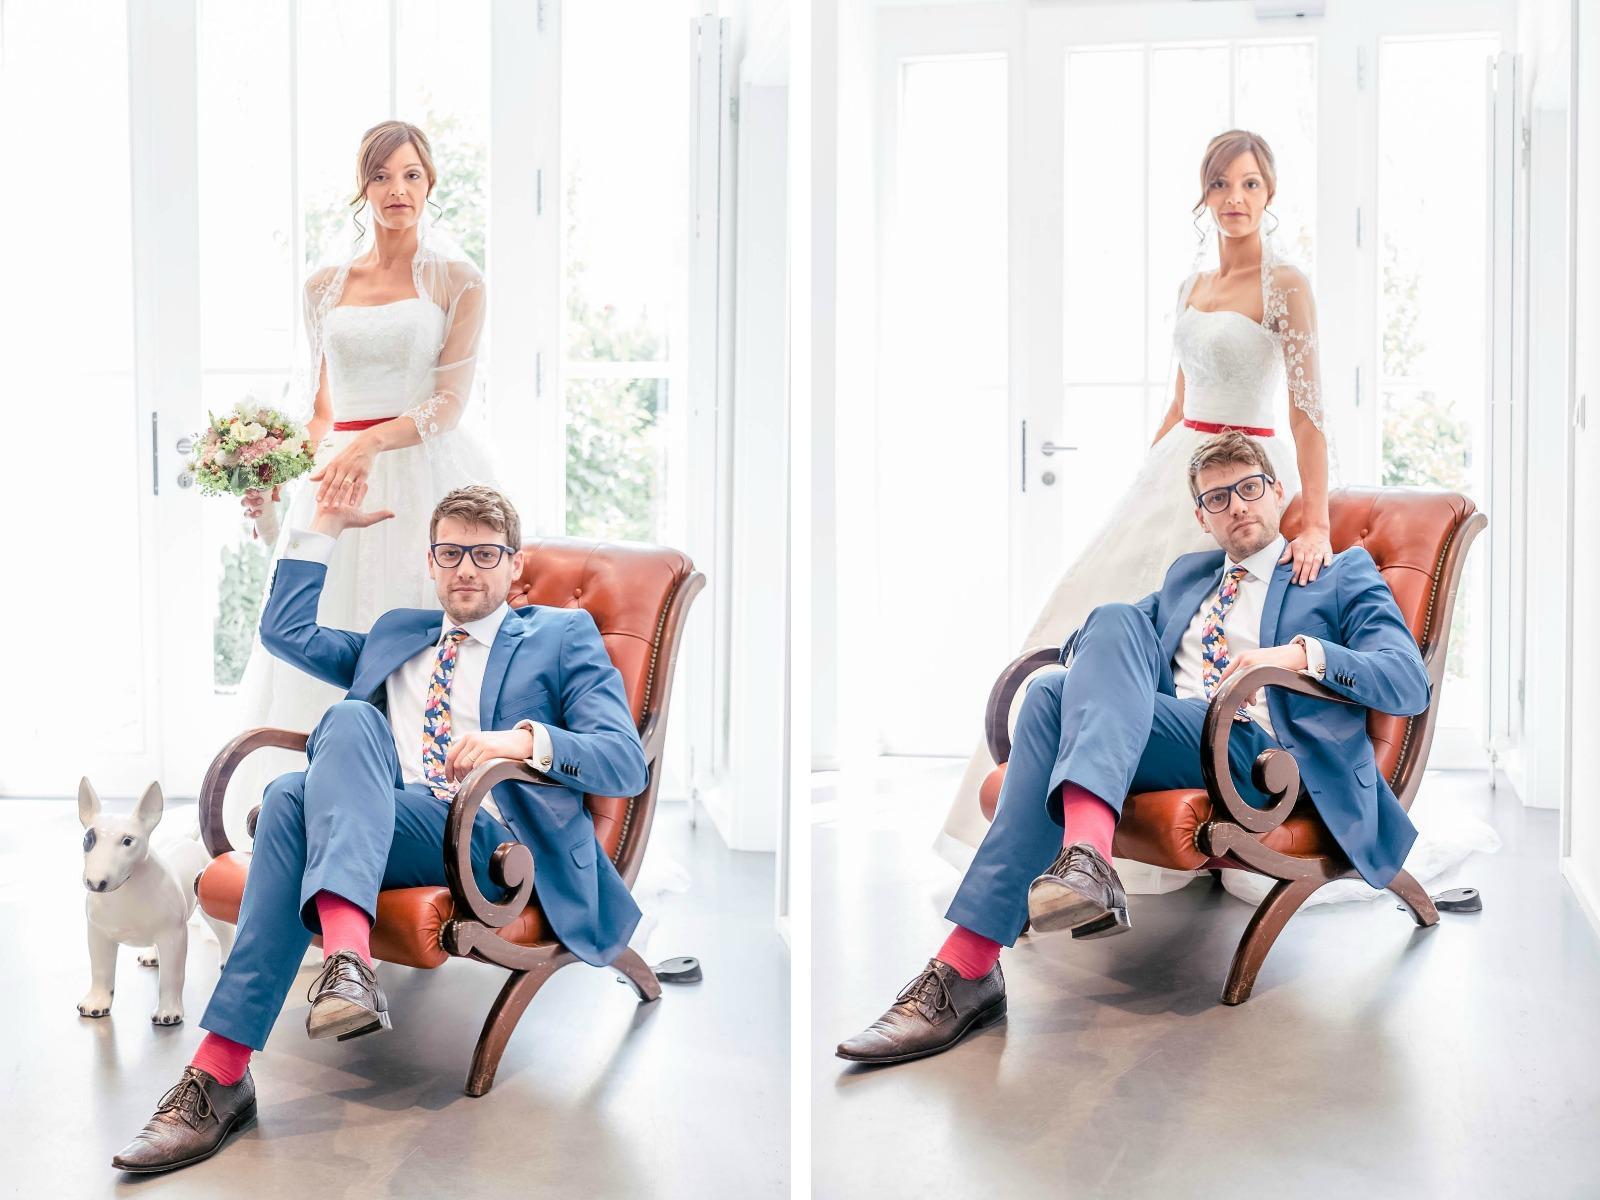 Monstergraphie_Hochzeitsreportage_Siegen-19.jpg?fit=1600%2C1200